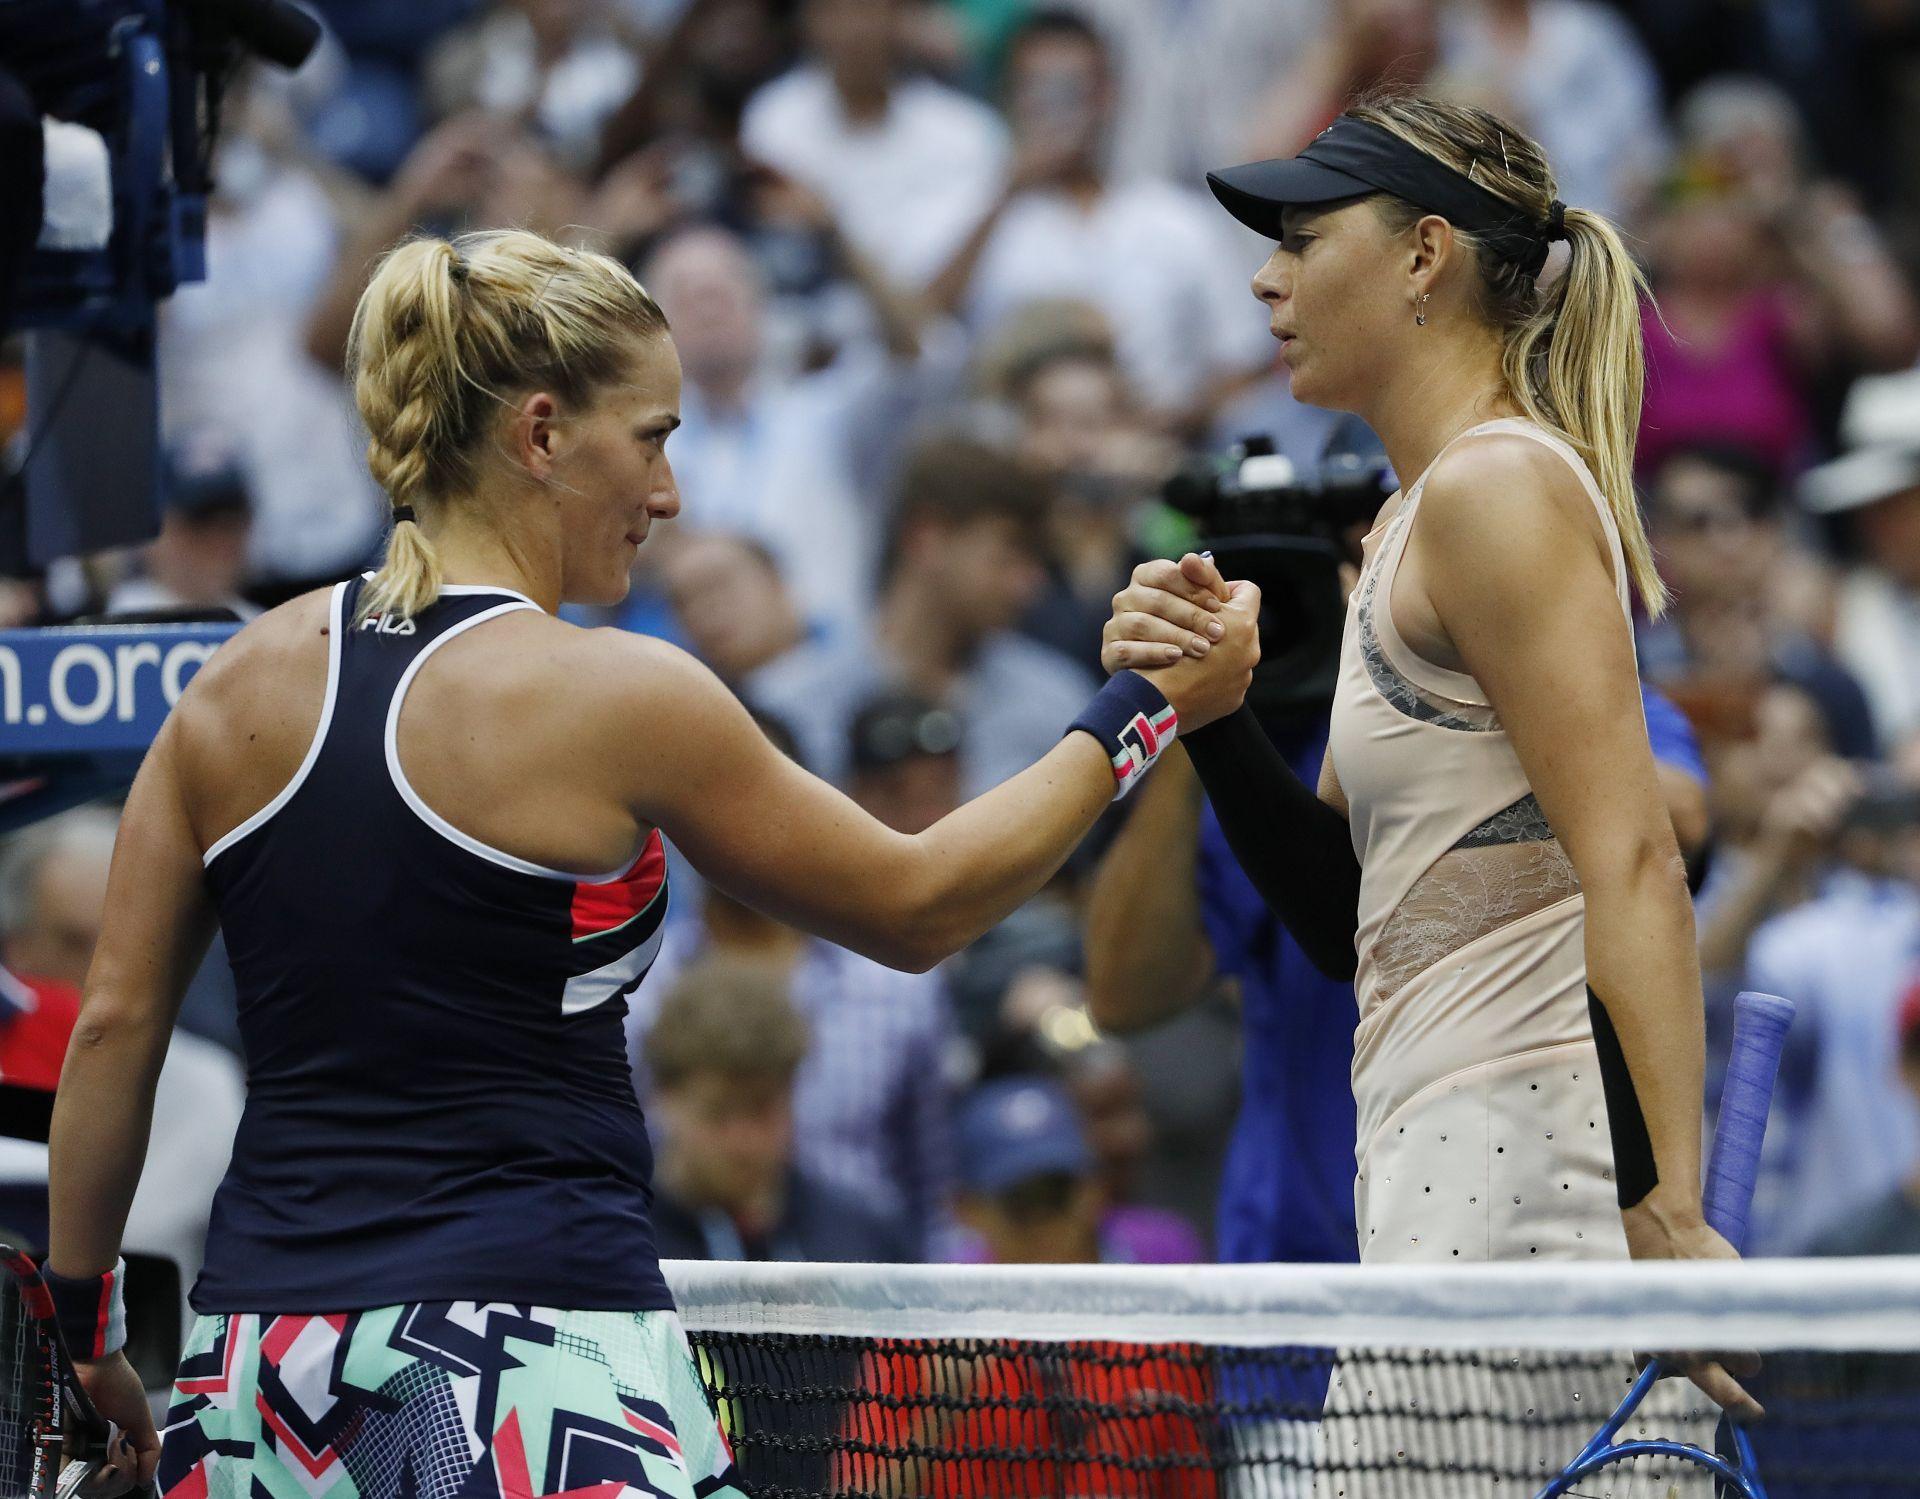 La tenista rusa Maria Sharapova mantiene su vuelta triunfal